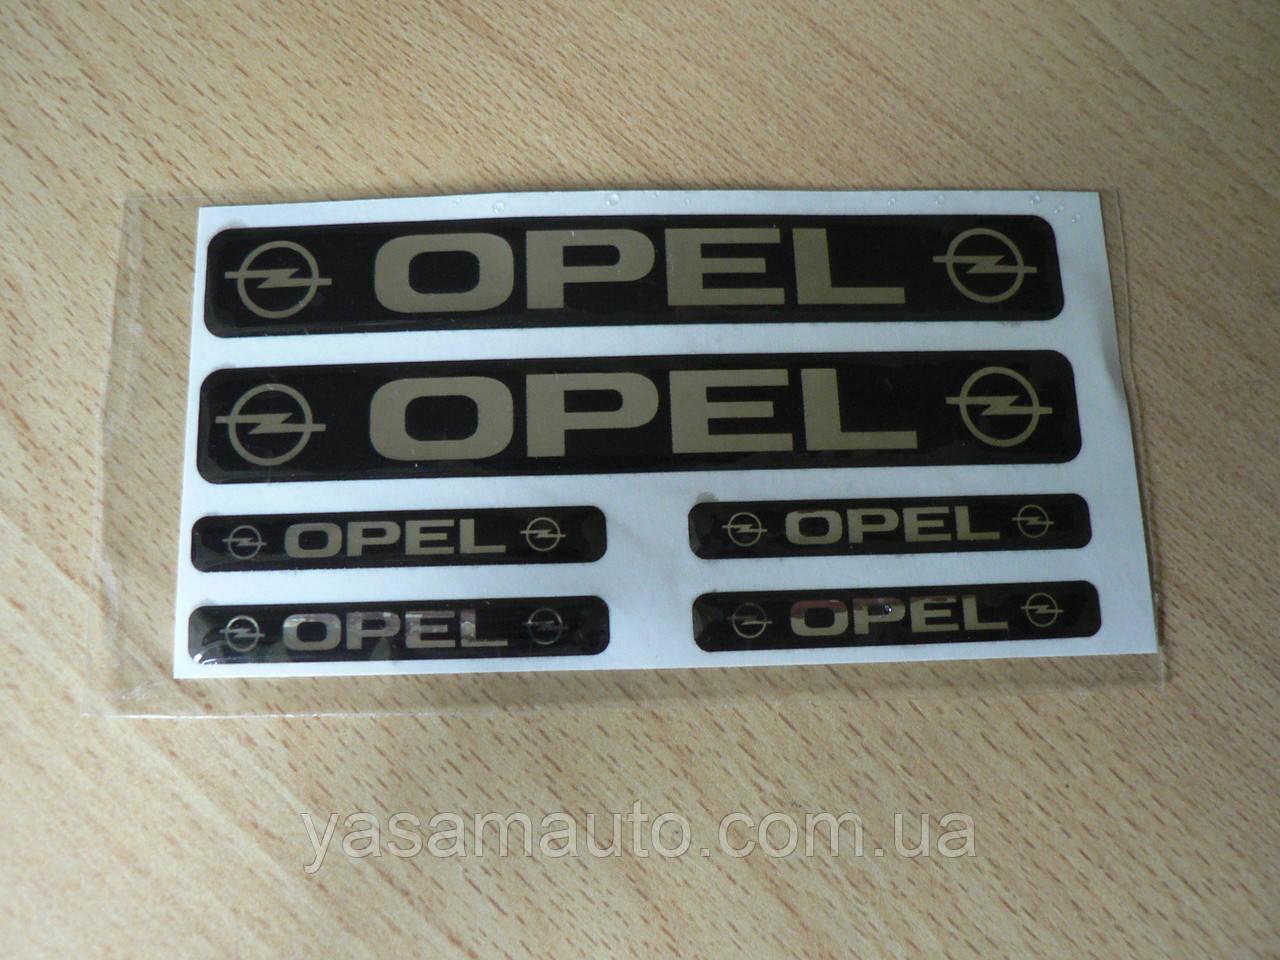 Наклейка s надпись Opel набор 6шт силиконовая Уценка легко приподнимаются на авто эмблема логотип Опель